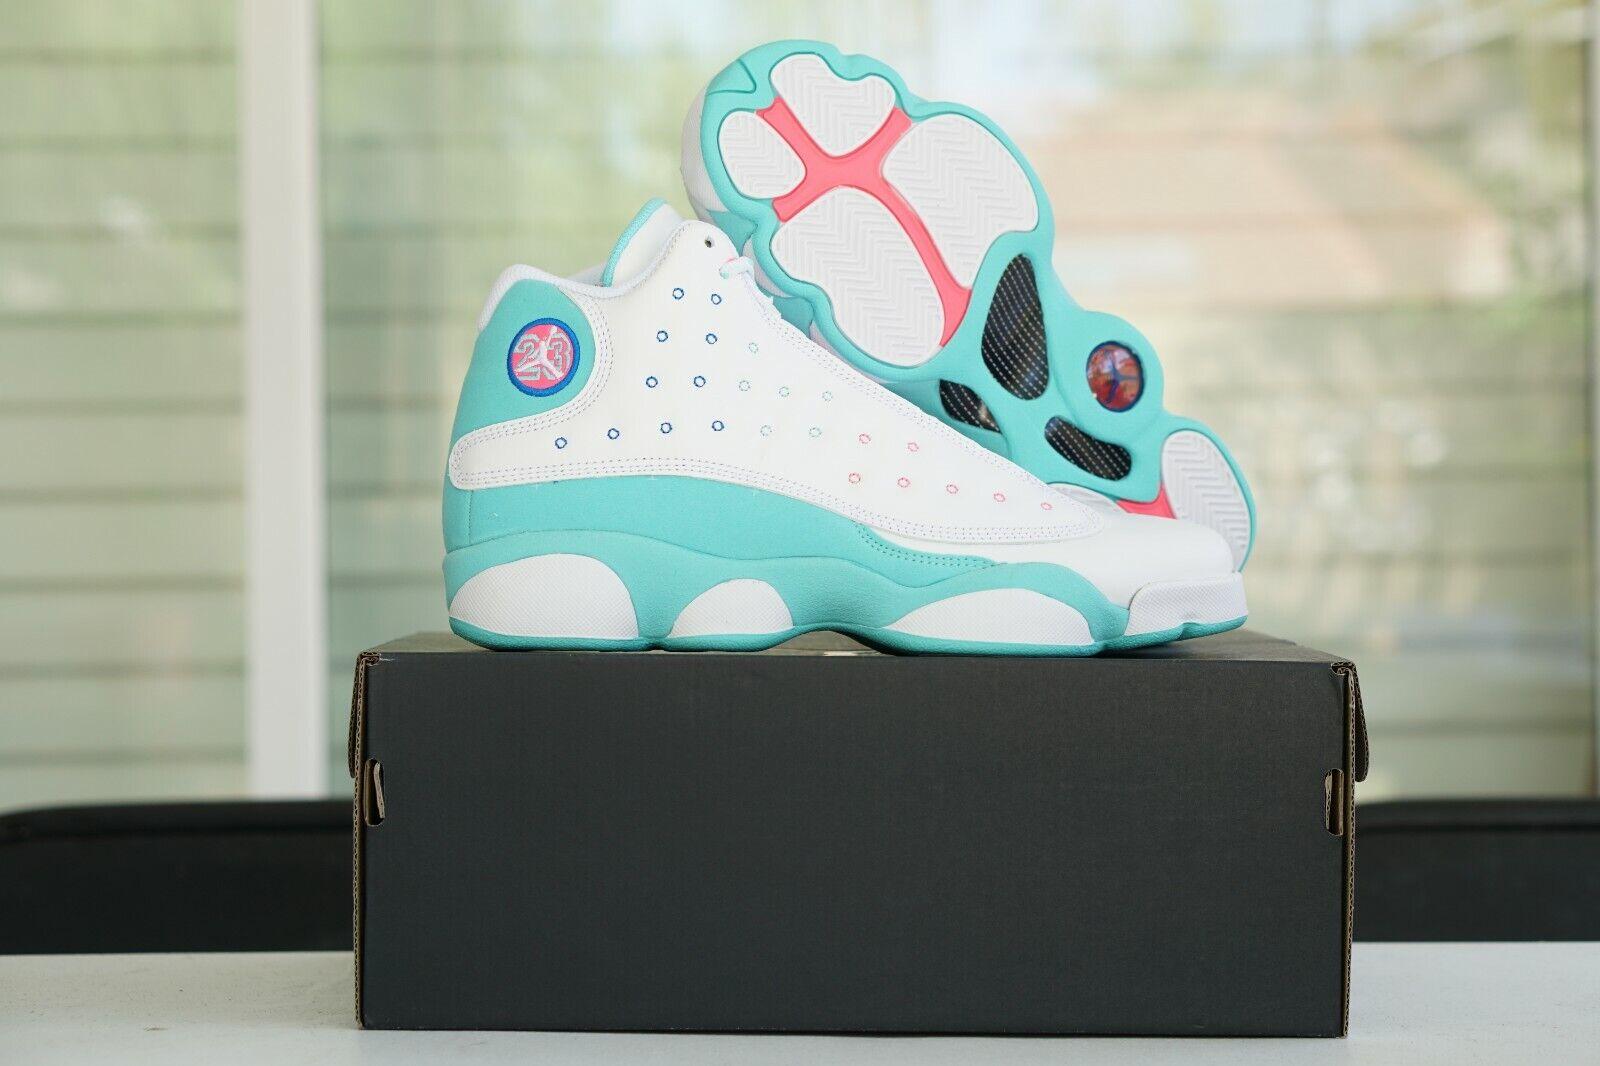 Air Jordan Retro 13 Gg Girl Grade Schl Sneakers 439358 021 5y For